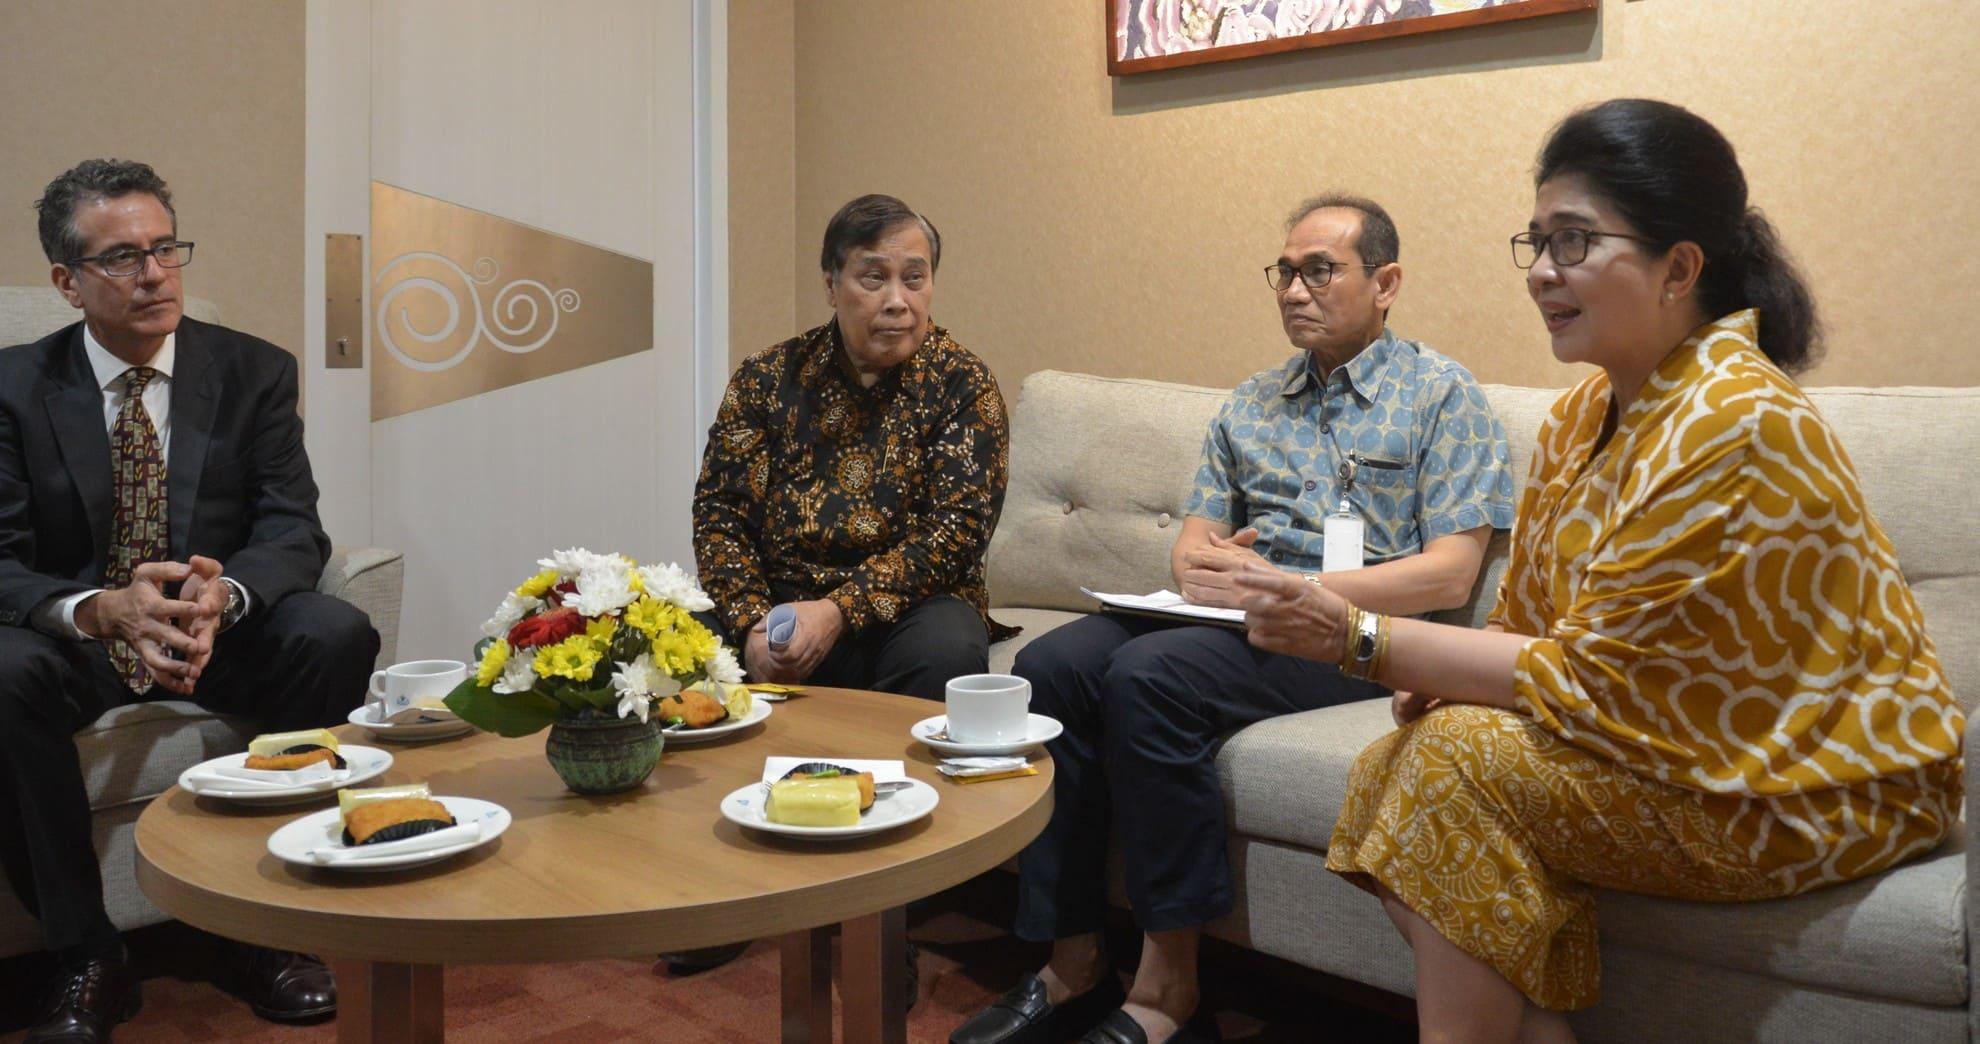 28-03-2018-menkes-melakukan-diskusi-persiapan-menjelang-pertemuan-evidence-summit-untuk-mengurangi-kematian-ibu-dan-bayi-baru-lahir-di-indonesia